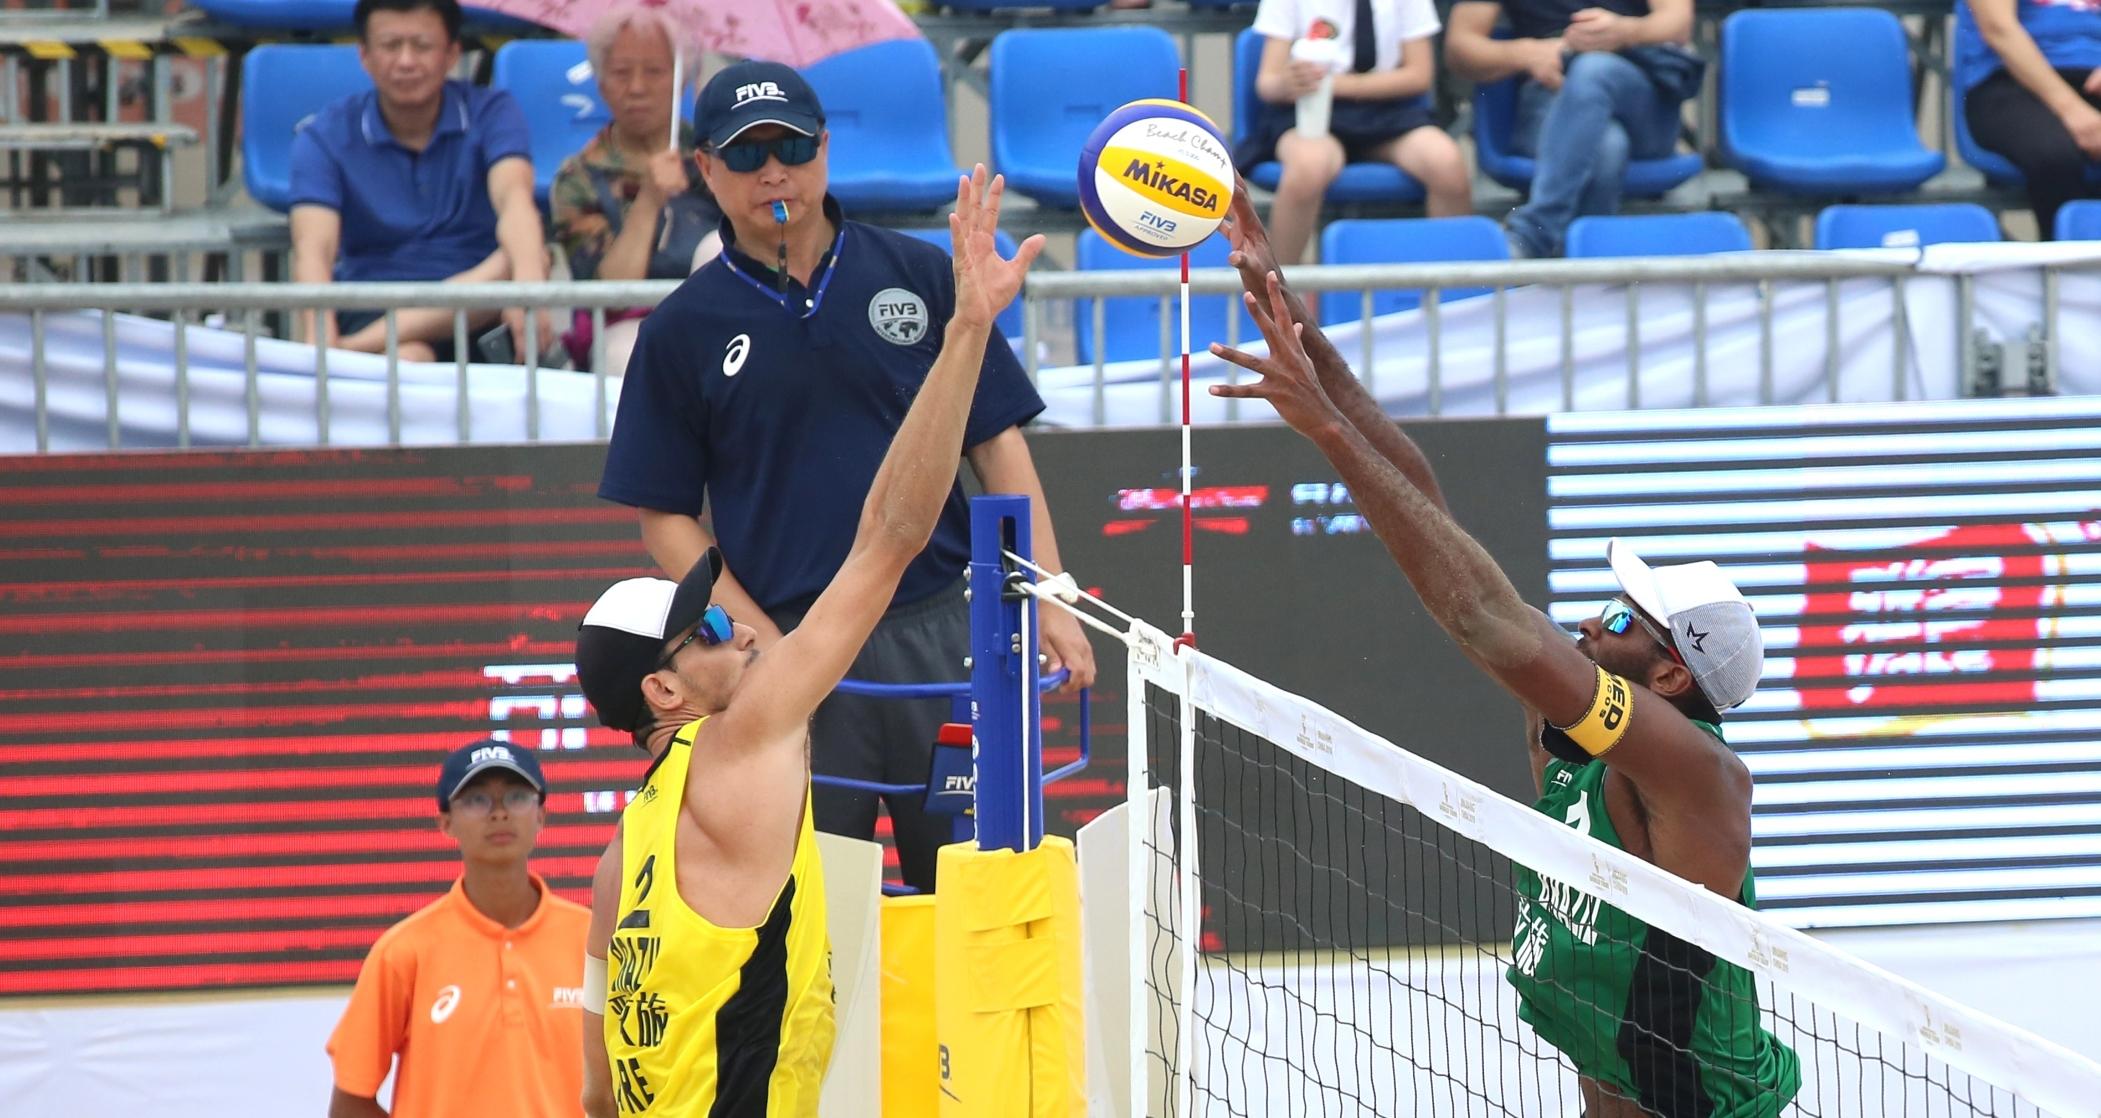 Evandro/Bruno disputa a final, e André/George busca o bronze na China